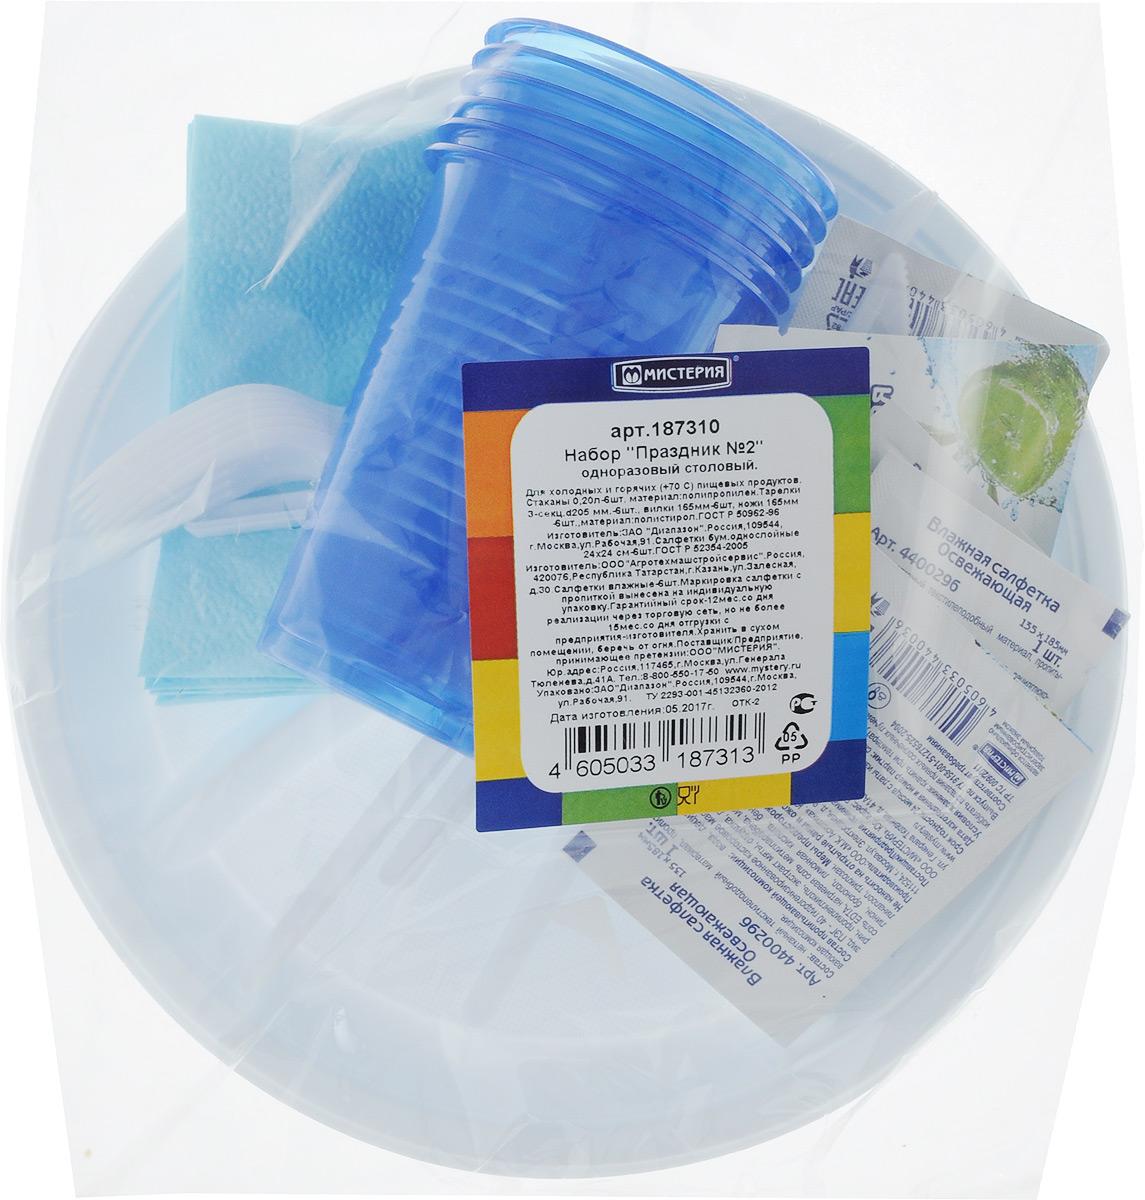 Набор одноразовой посуды Мистерия Праздник, 36 предметов181100_оранжевыйНабор одноразовой посуды Мистерия Праздник на 6 персон включает 6 трехсекционных тарелок, 6 вилок, 6 стаканов, 6 бумажных салфеток и 6 влажных салфеток в индивидуальной упаковке. Посуда выполнена из пищевого пластика, предназначена для холодных и горячих (до +70°С) пищевых продуктов. Такой набор посуды отлично подойдет для отдыха на природе. В нем есть все необходимое для пикника. Он легкий и не занимает много места, а самое главное - после использования его не надо мыть. Объем стакана: 200 мл. Диаметр стакана (по верхнему краю): 7 см. Высота стакана: 9,5 см. Диаметр тарелки: 20,5 см. Длина вилки: 16,5 см. Длина ножа: 16,5 см. Размер бумажной салфетки: 24 х 24 см. Размер влажной салфетки: 13,5 х 18,5 см.